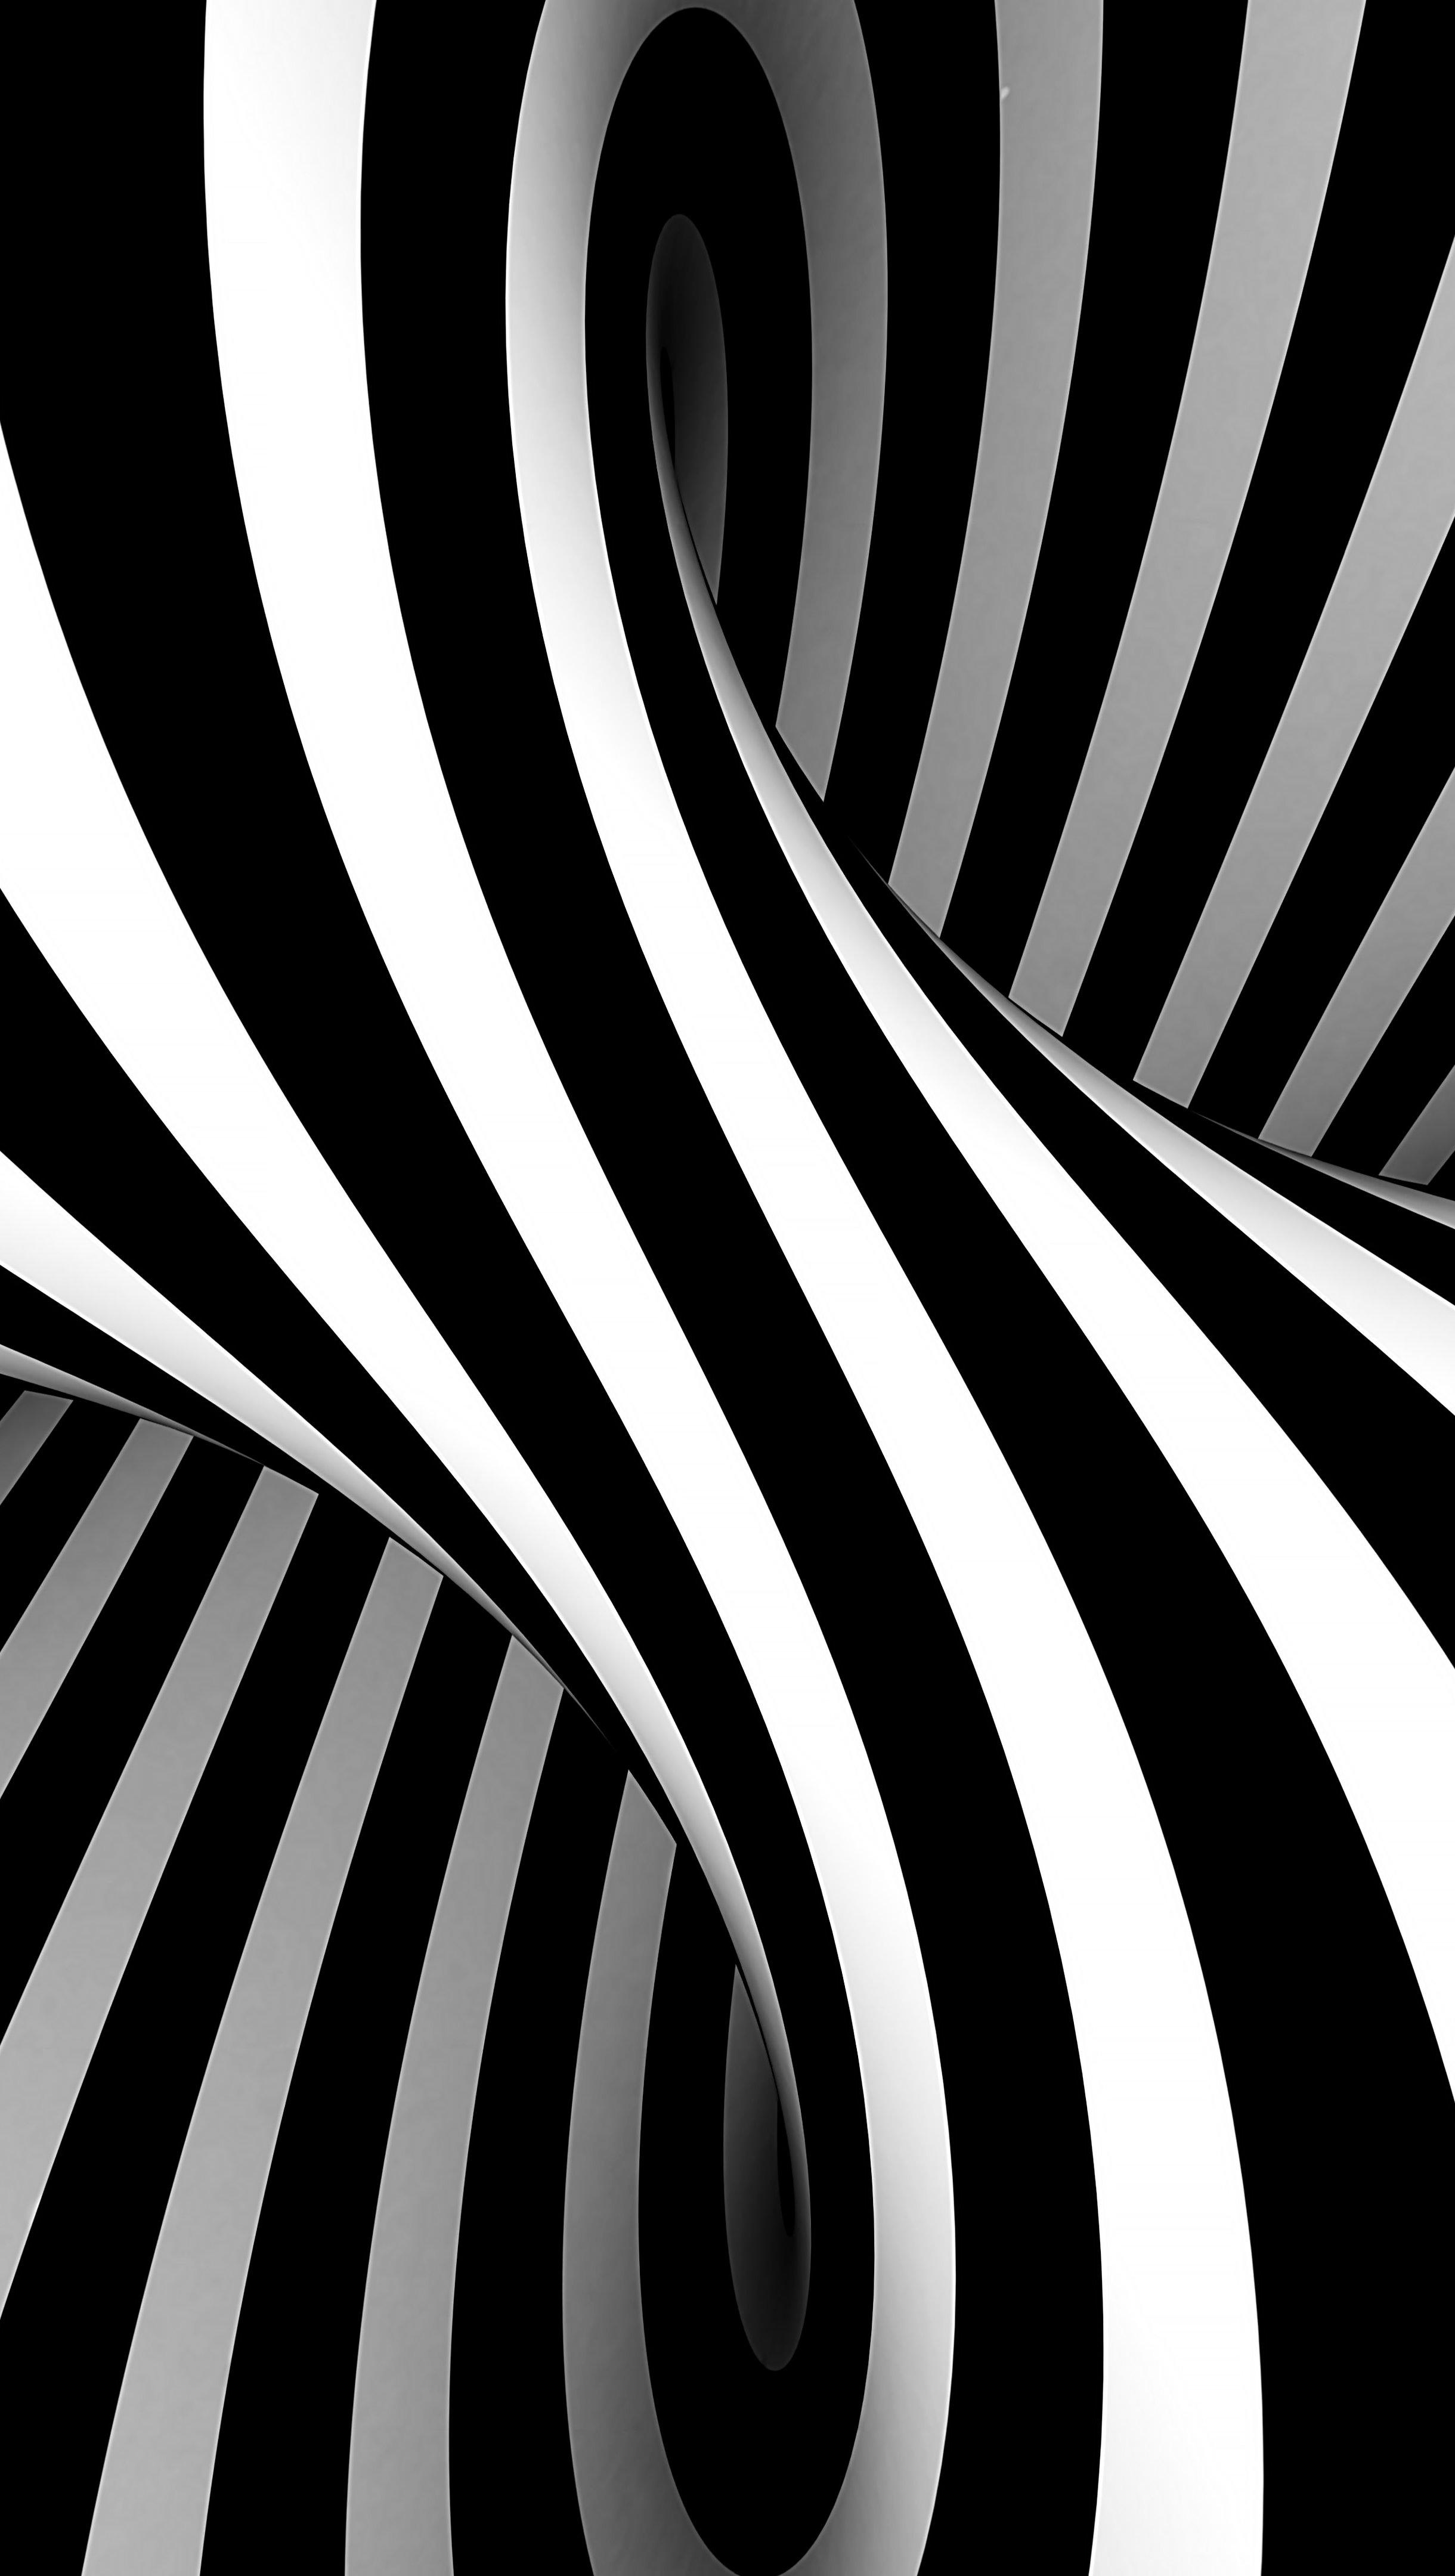 Fondos de pantalla Ilusión óptica 3D en blanco y negro estilo Vasarely Vertical